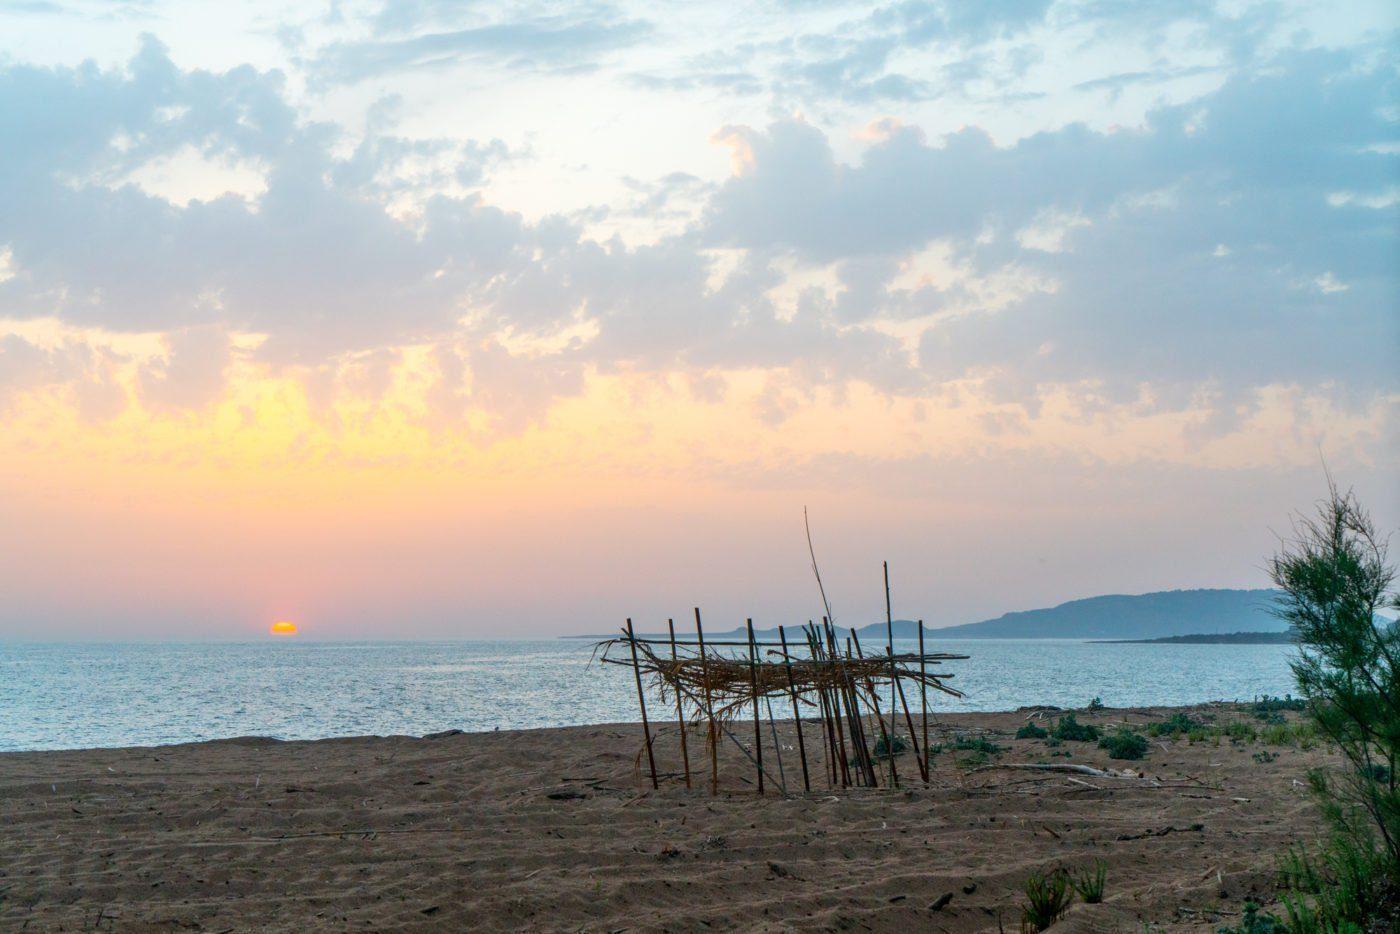 The beach at Costa Navarino